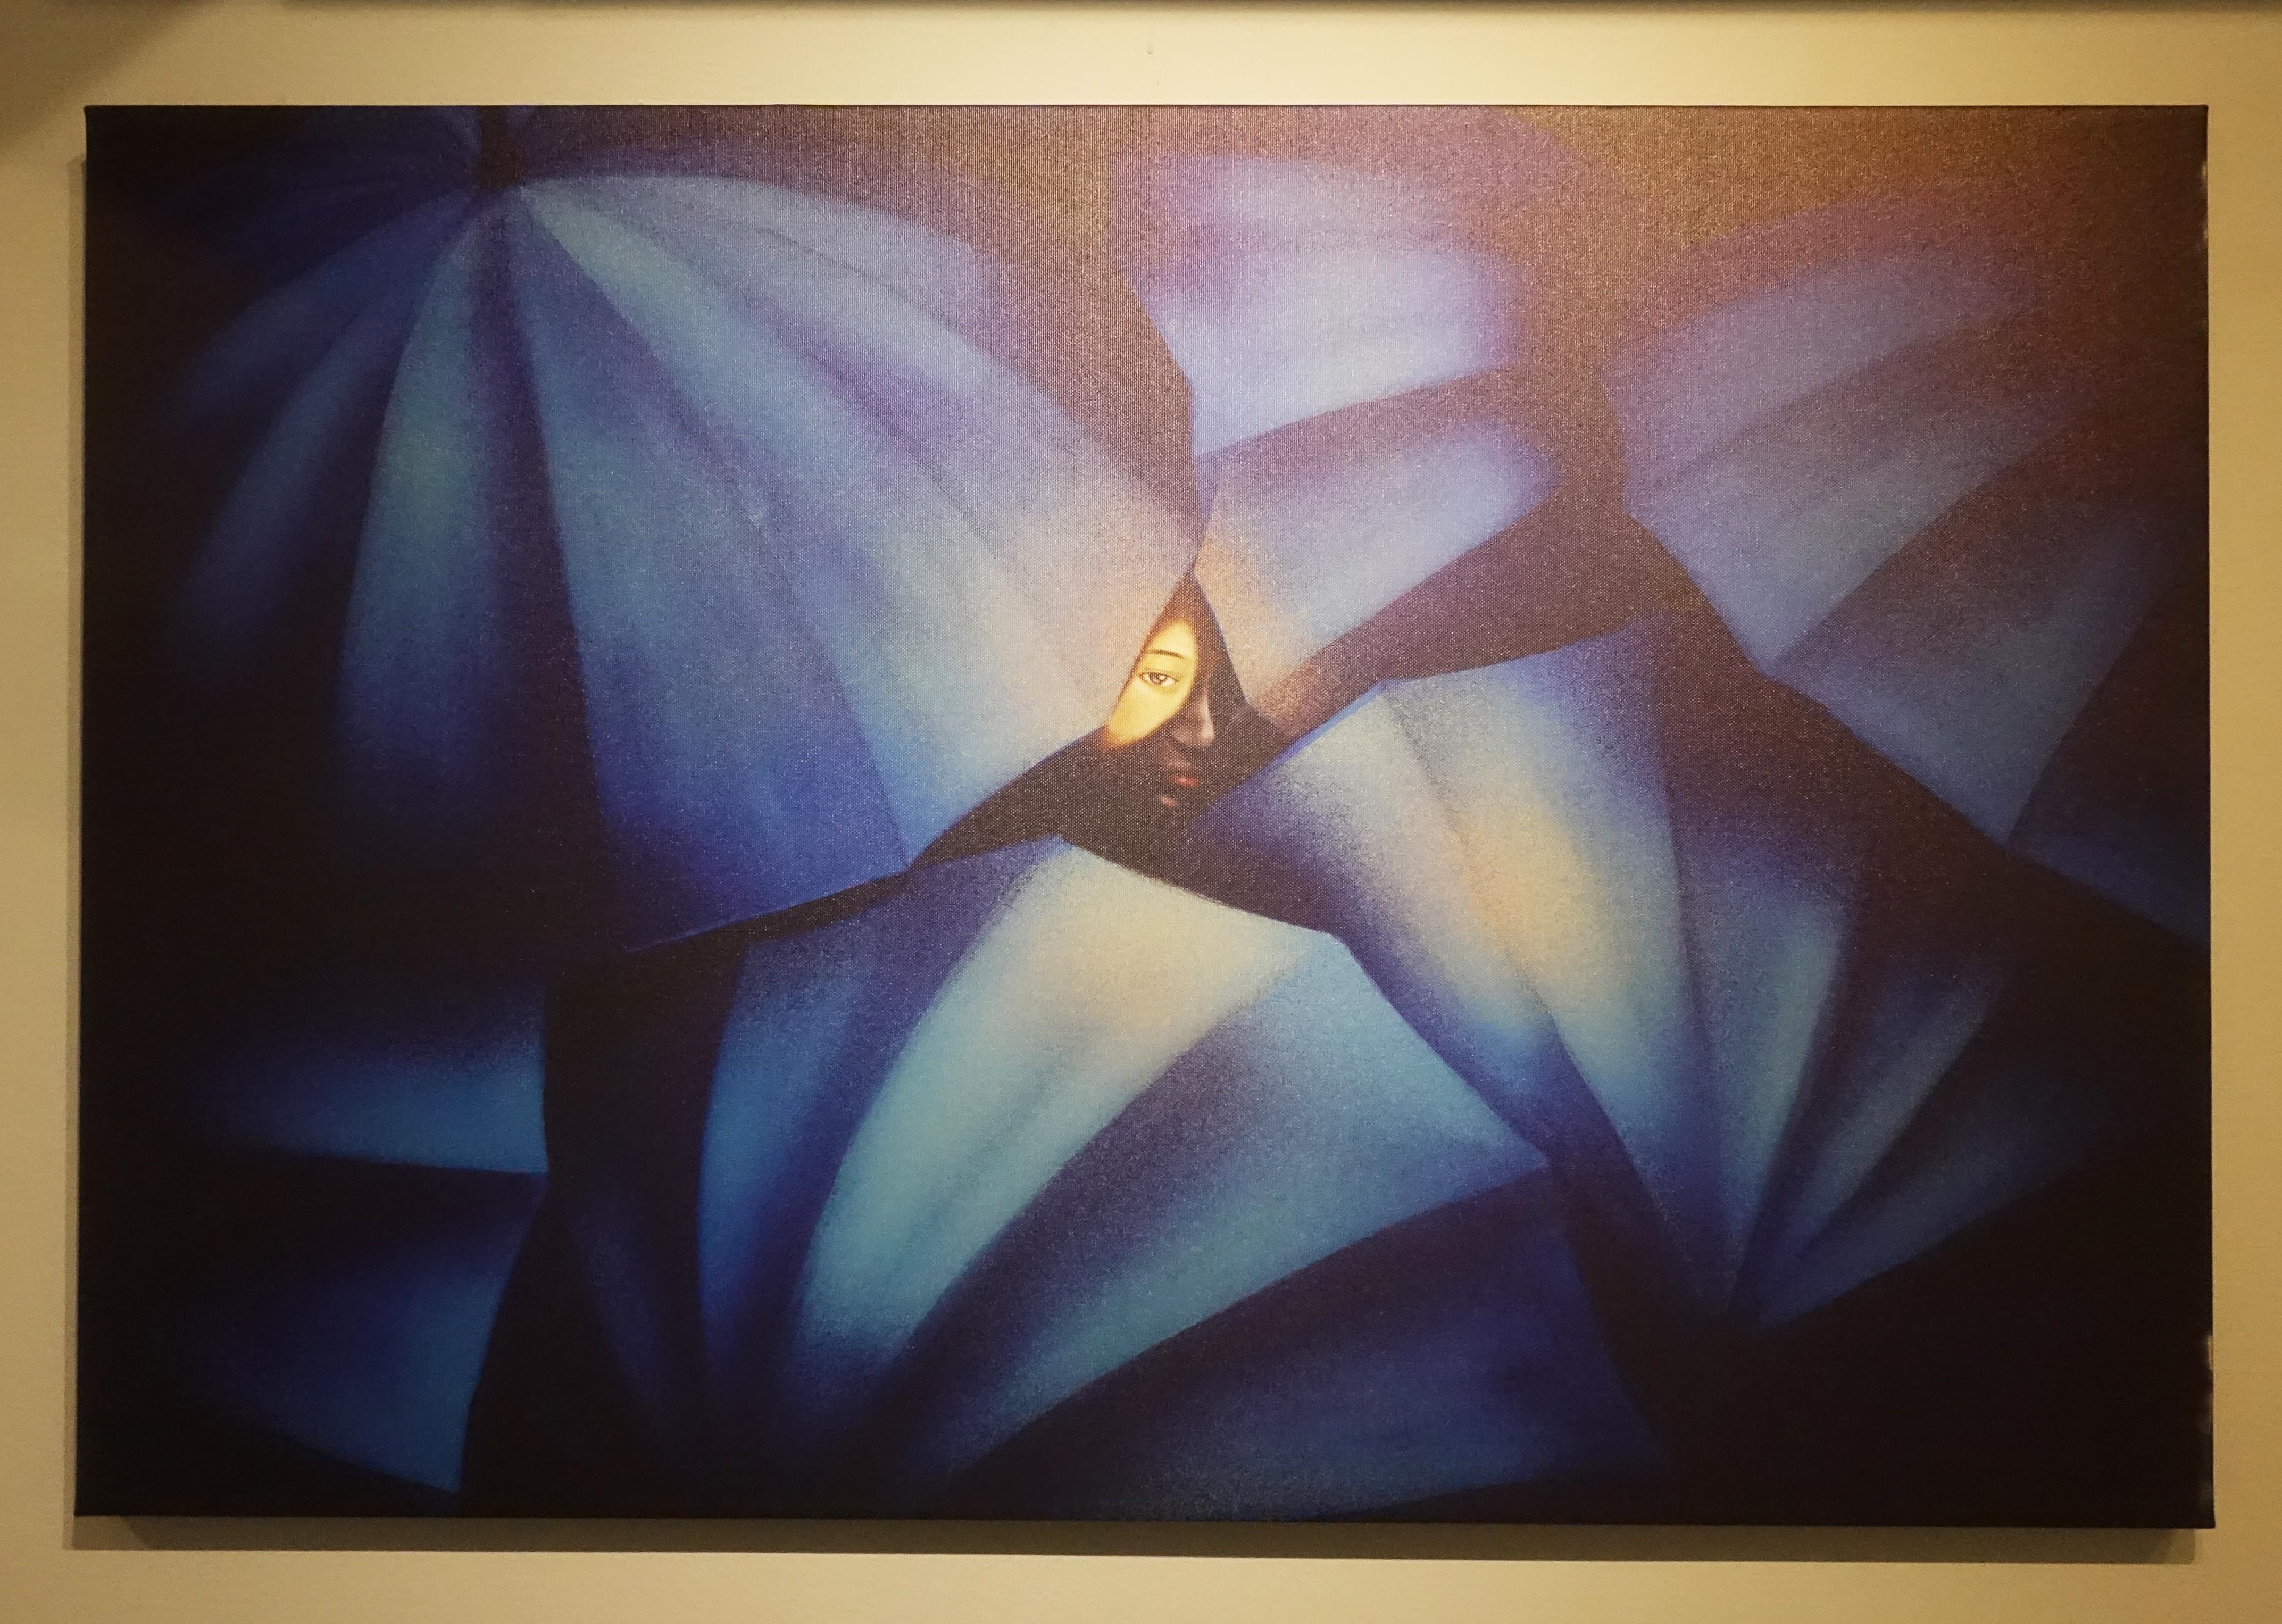 連師屏,《光明》,數位繪圖,90 x 60 cm 1/10,2019。